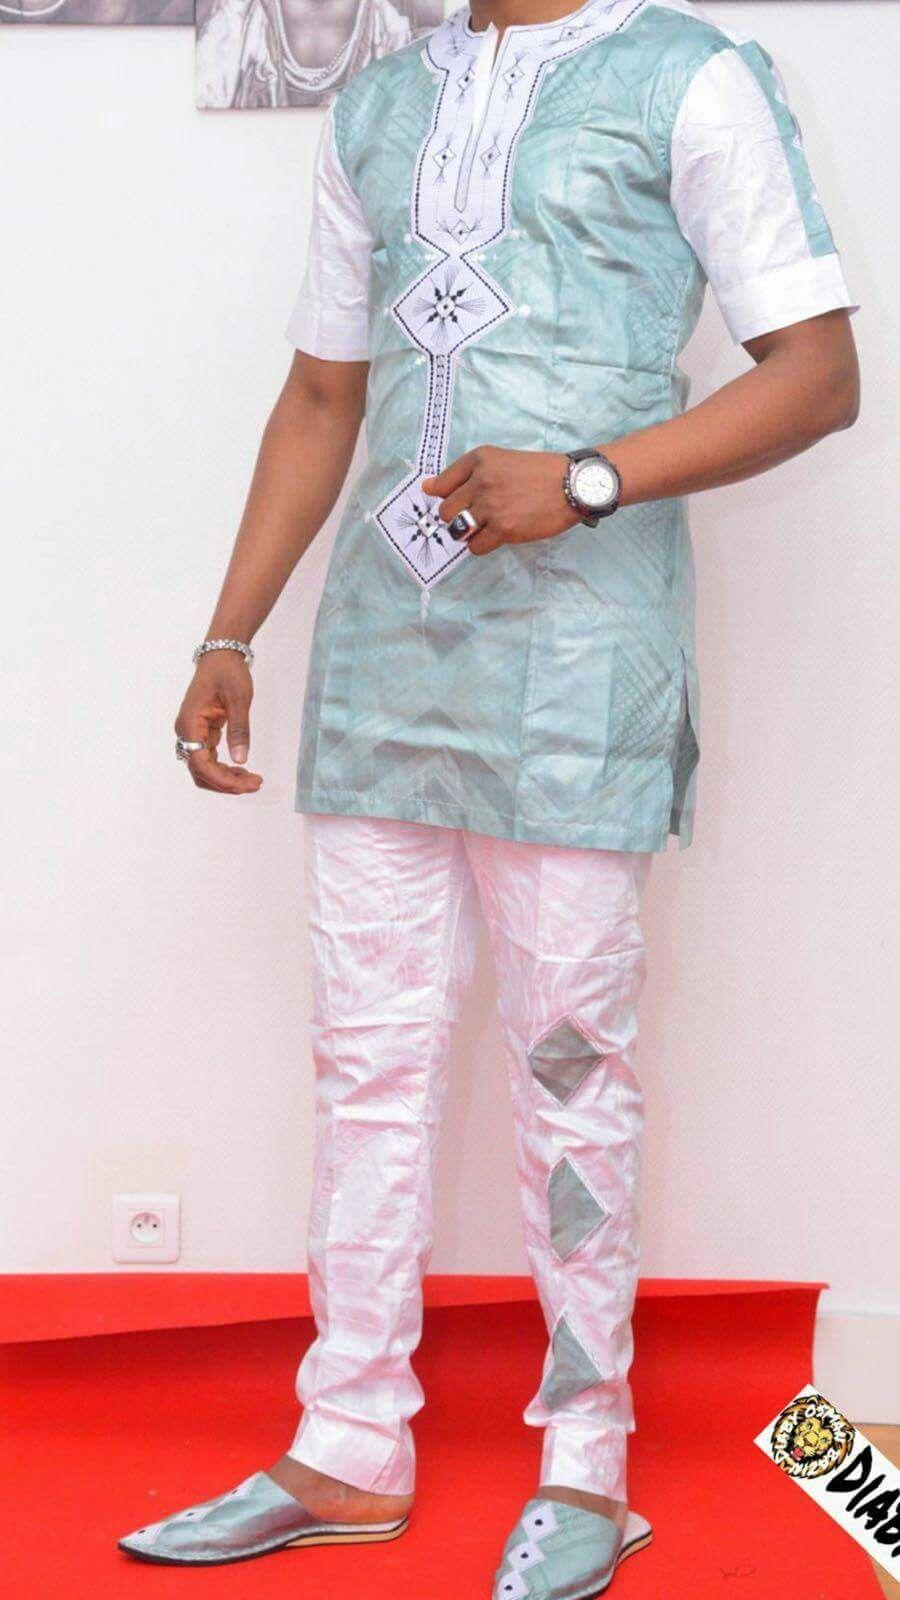 pingl par bour pascal sur mode africaine pinterest mode africaine mode et mode homme. Black Bedroom Furniture Sets. Home Design Ideas